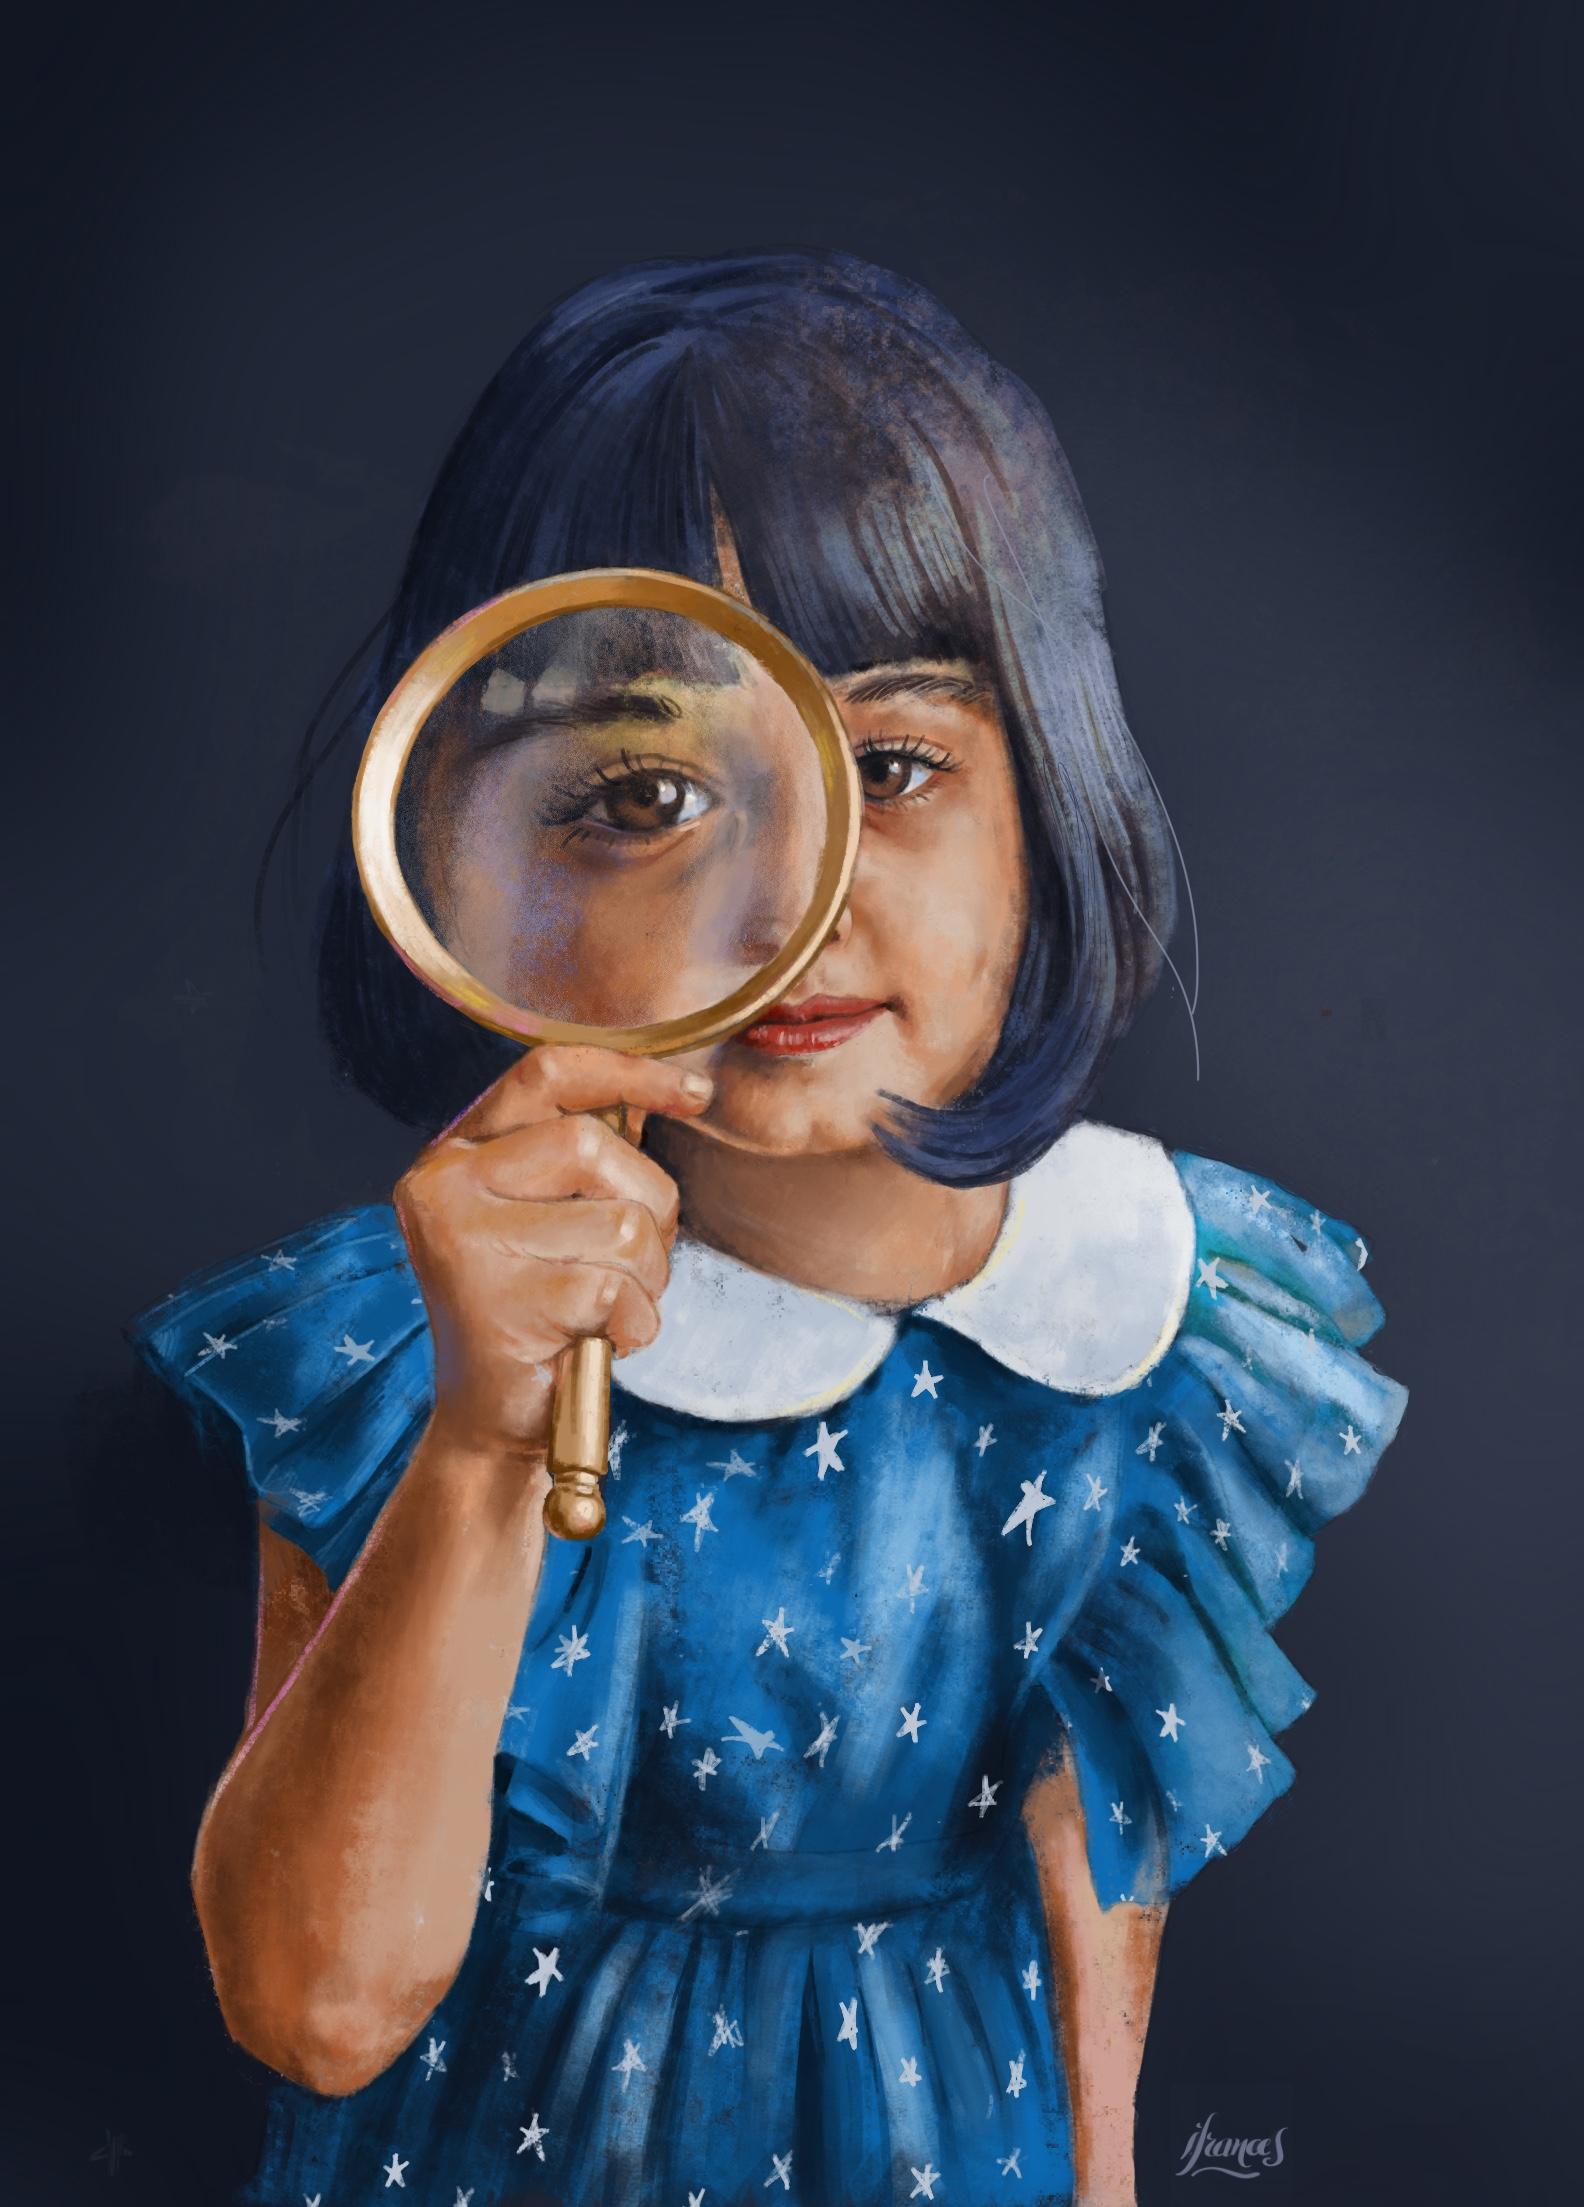 Peinture numérique avec Procreate- Modele Sktchy challenge #30days30faces mai 2021 -©I.Frances